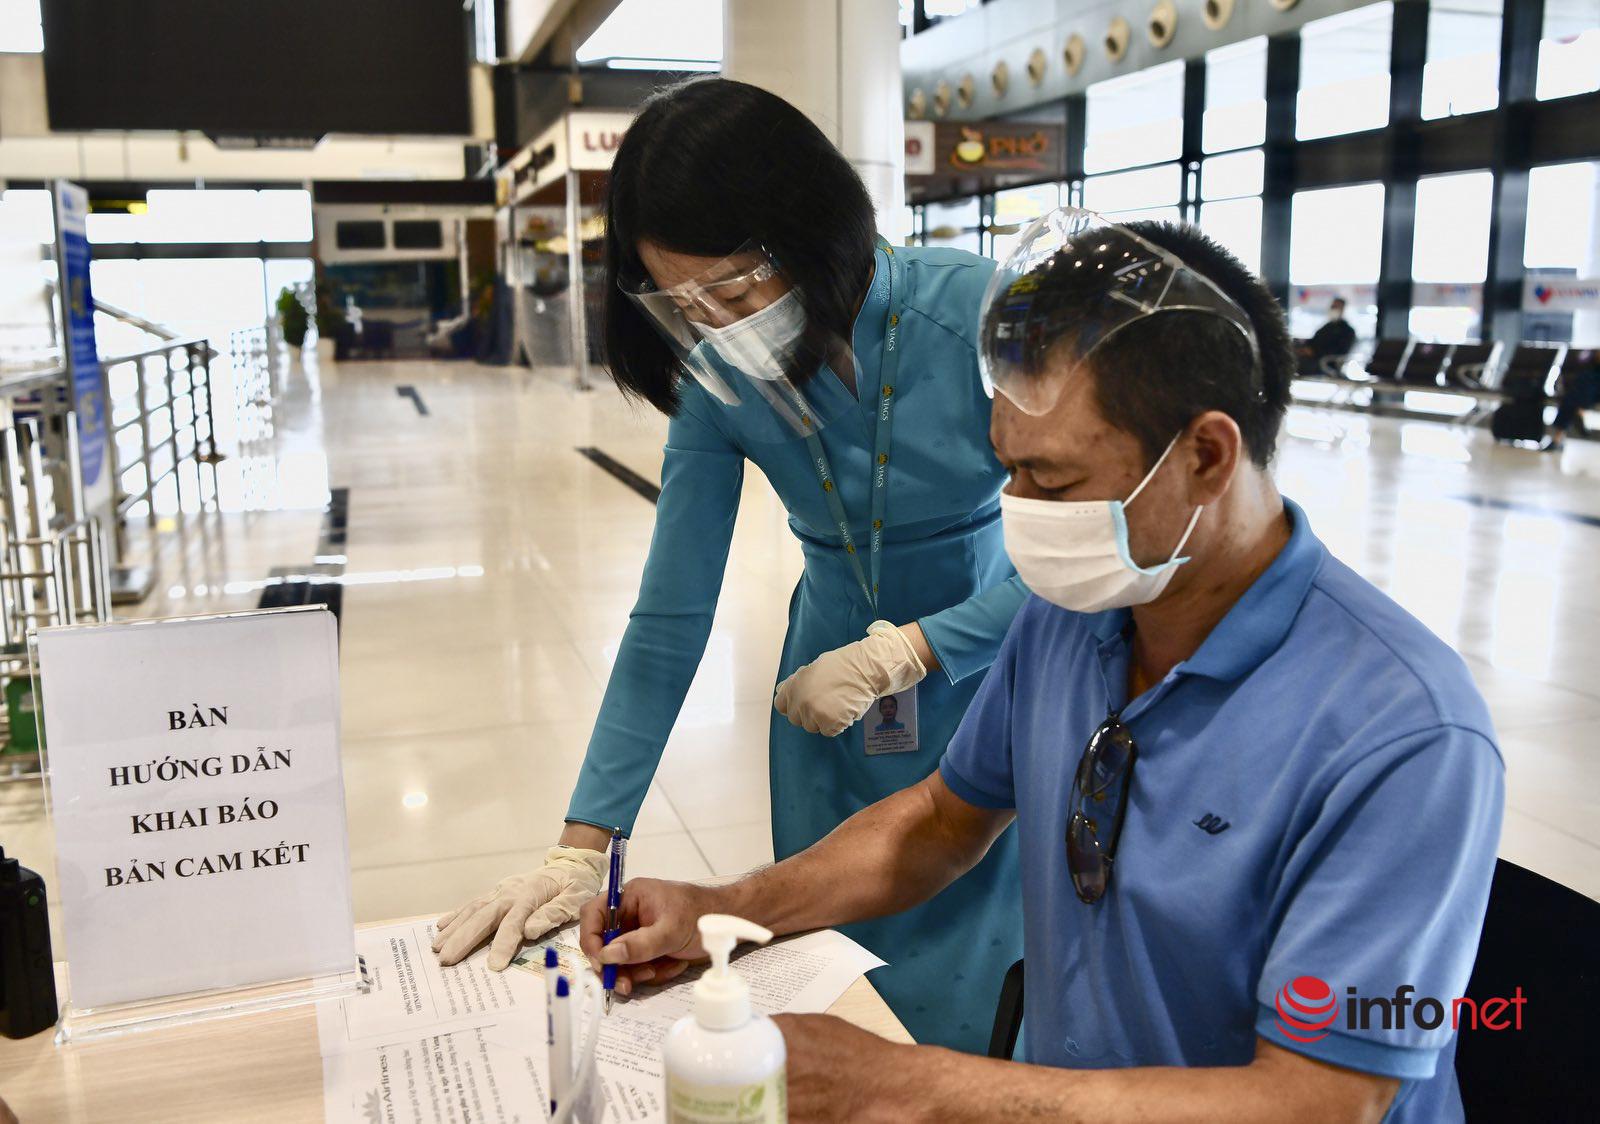 Những hành khách đầu tiên ở Hà Nội vui mừng ra sân bay trở về nhà sau nhiều tháng mắc kẹt vì dịch